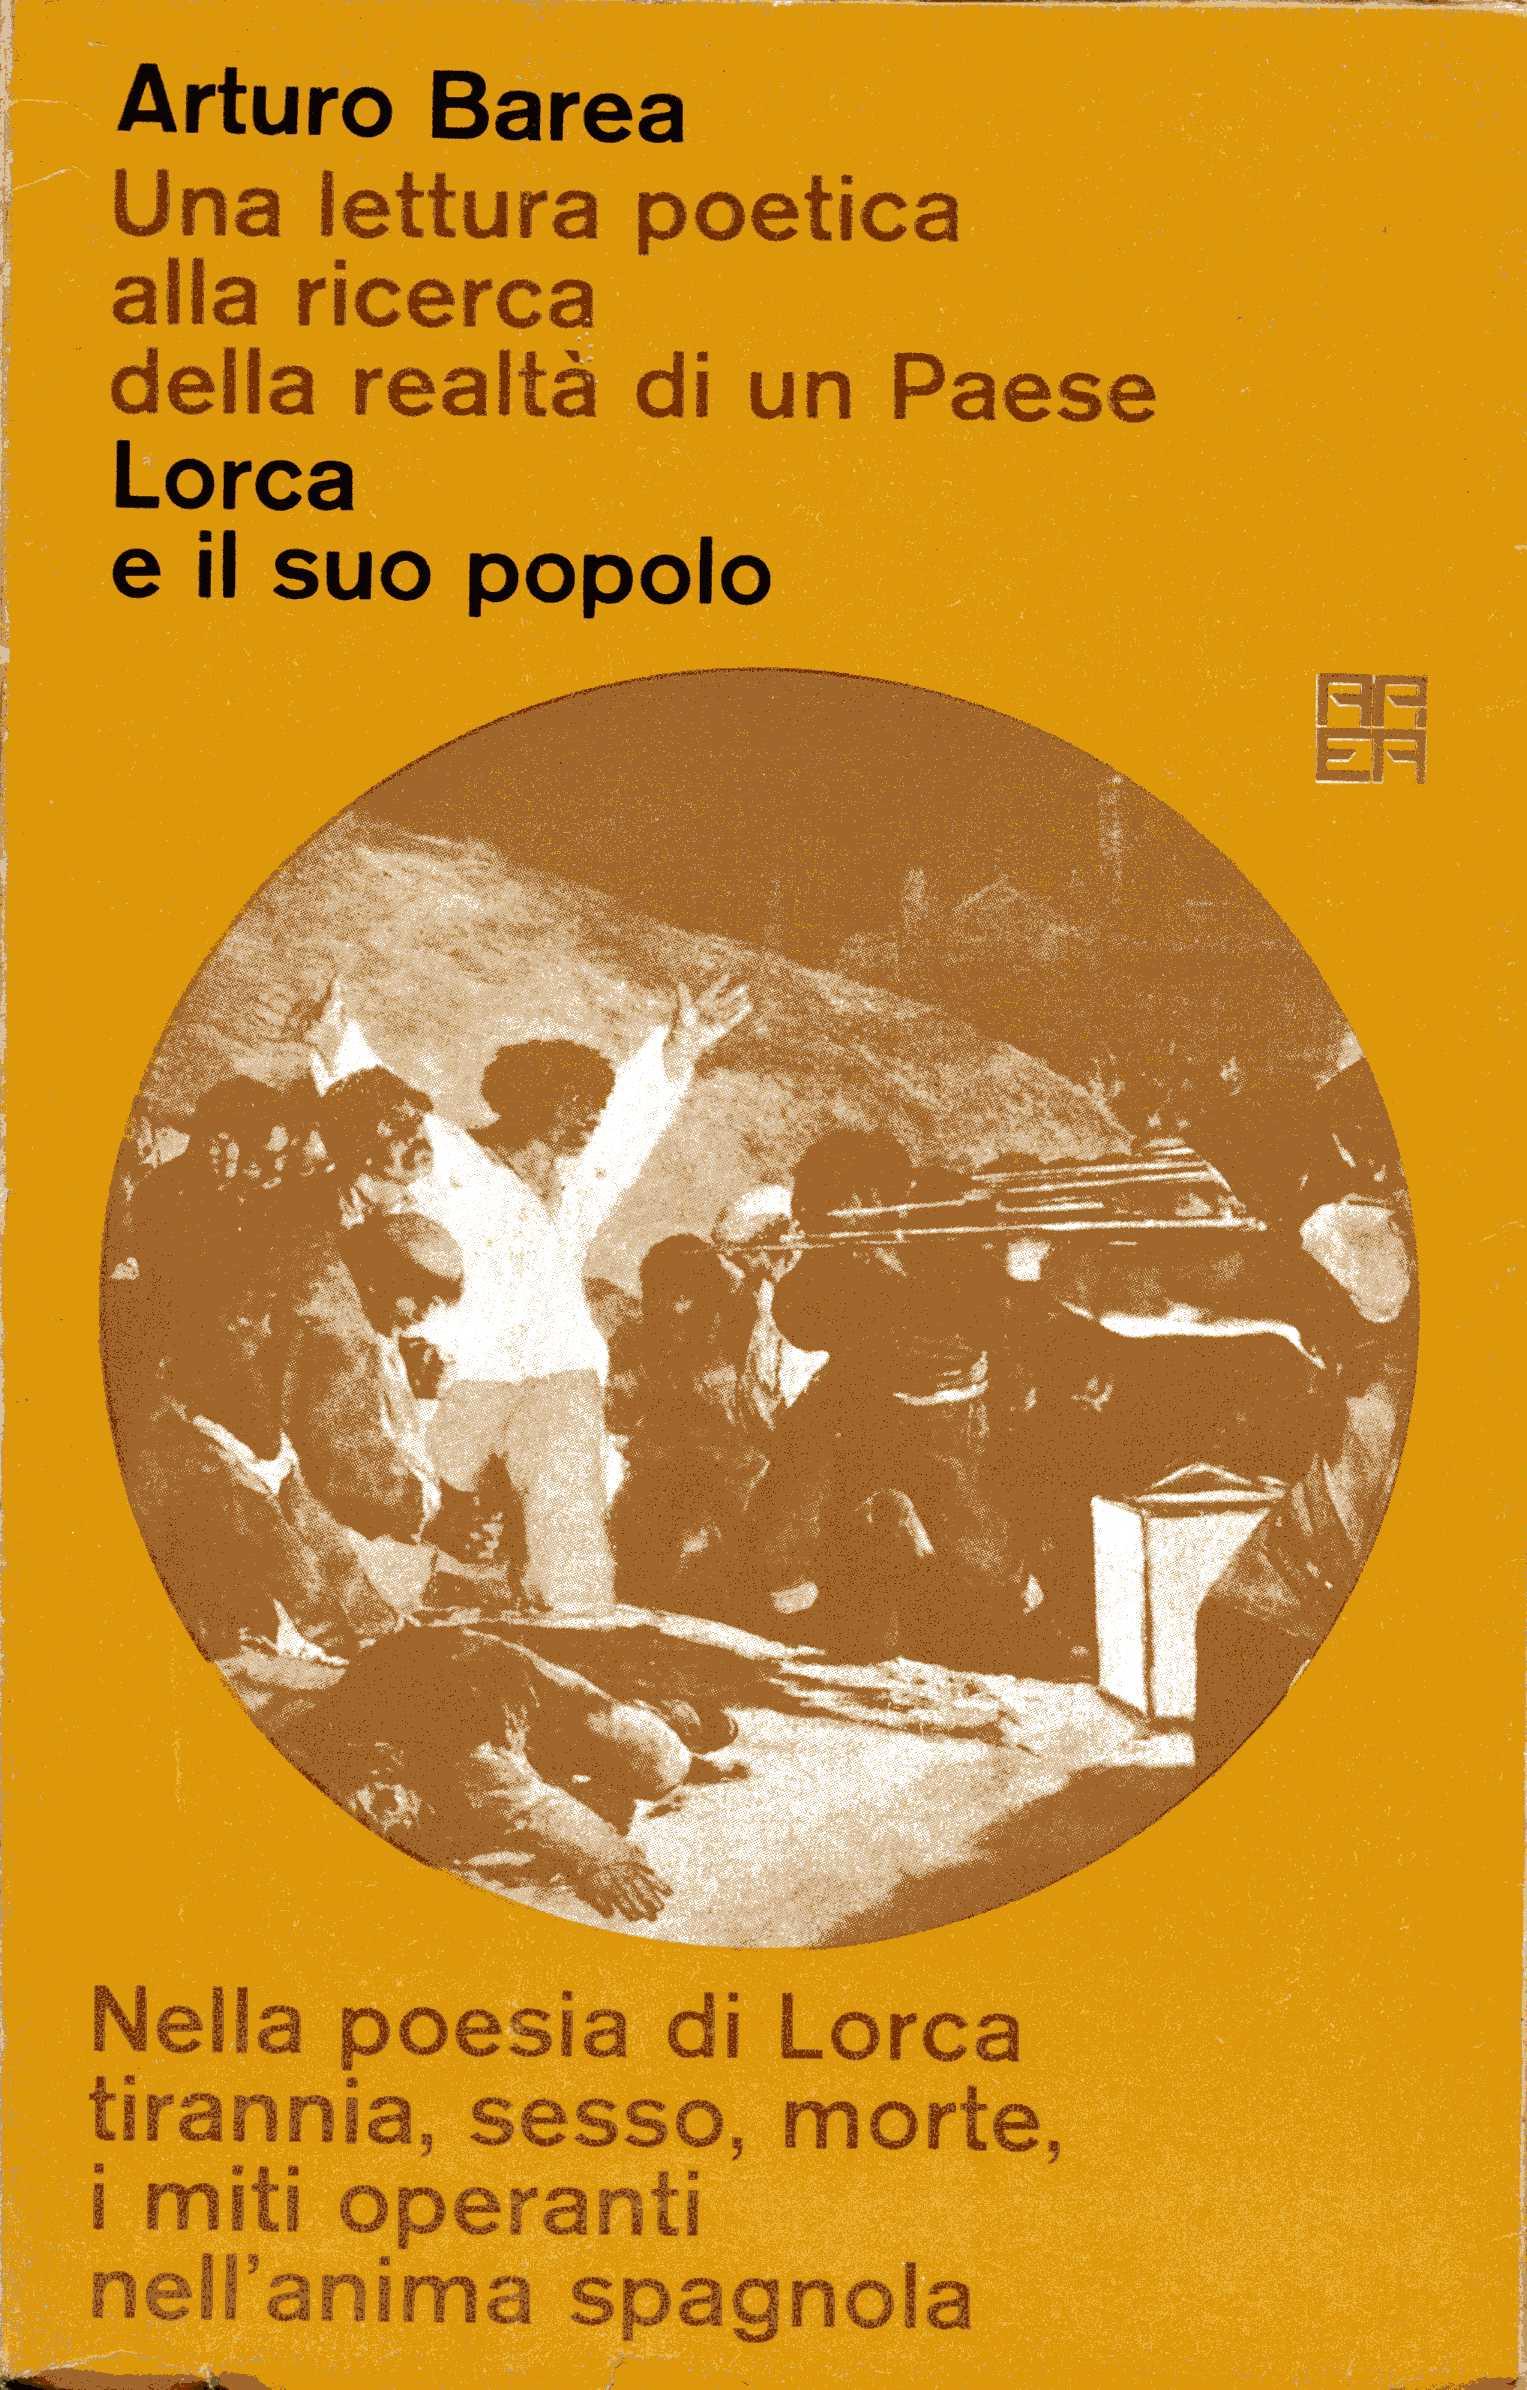 Lorca e il suo popolo